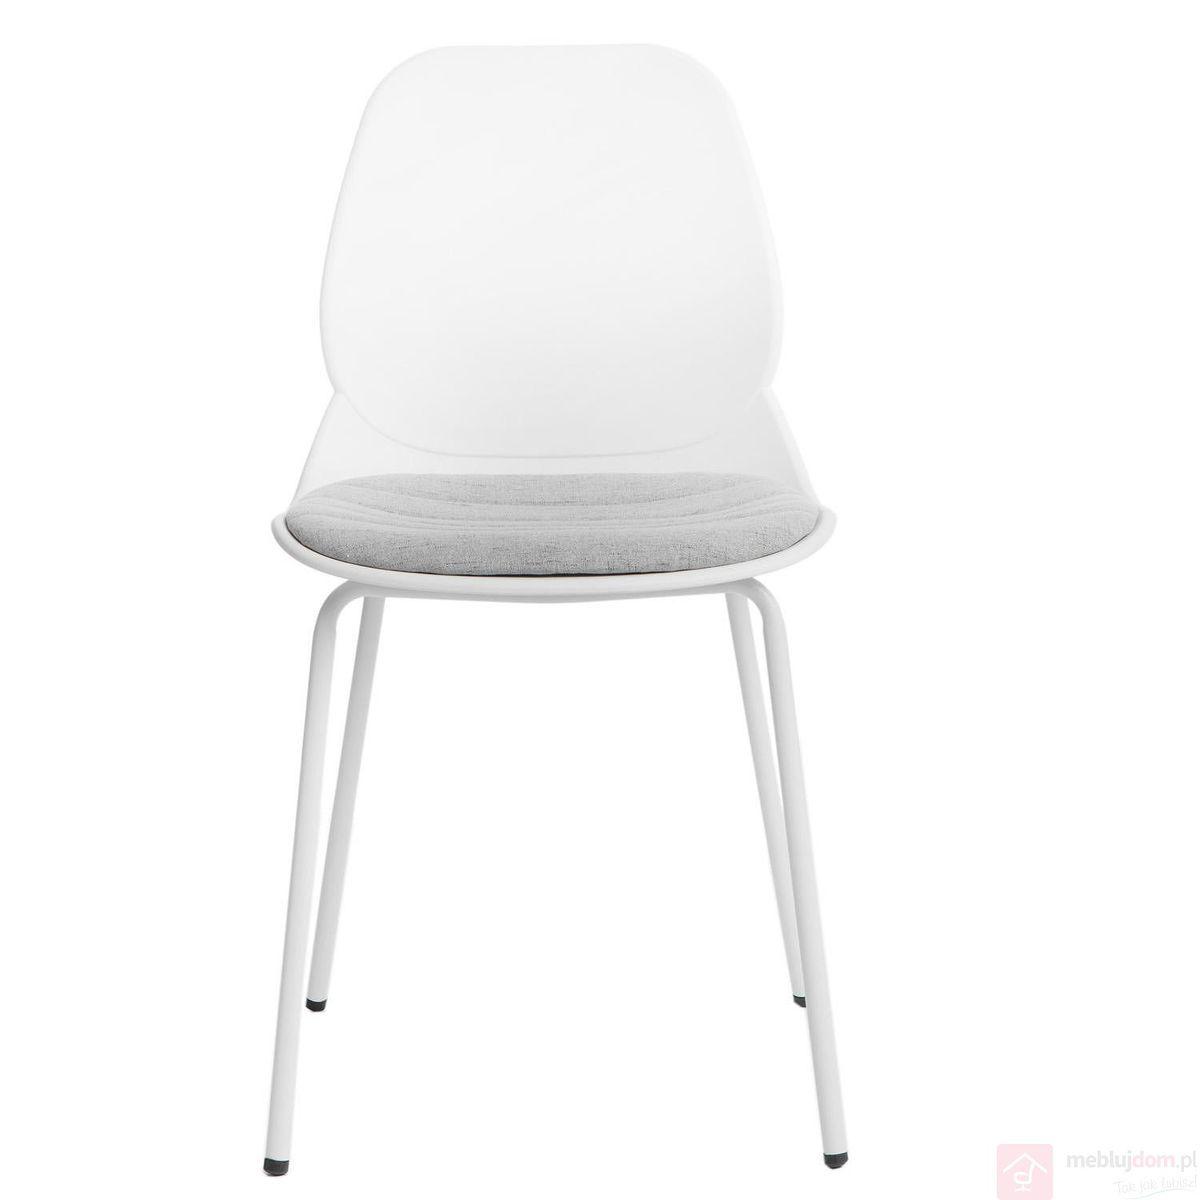 Krzesło LAYER TAP 4 biały przodem poduszka